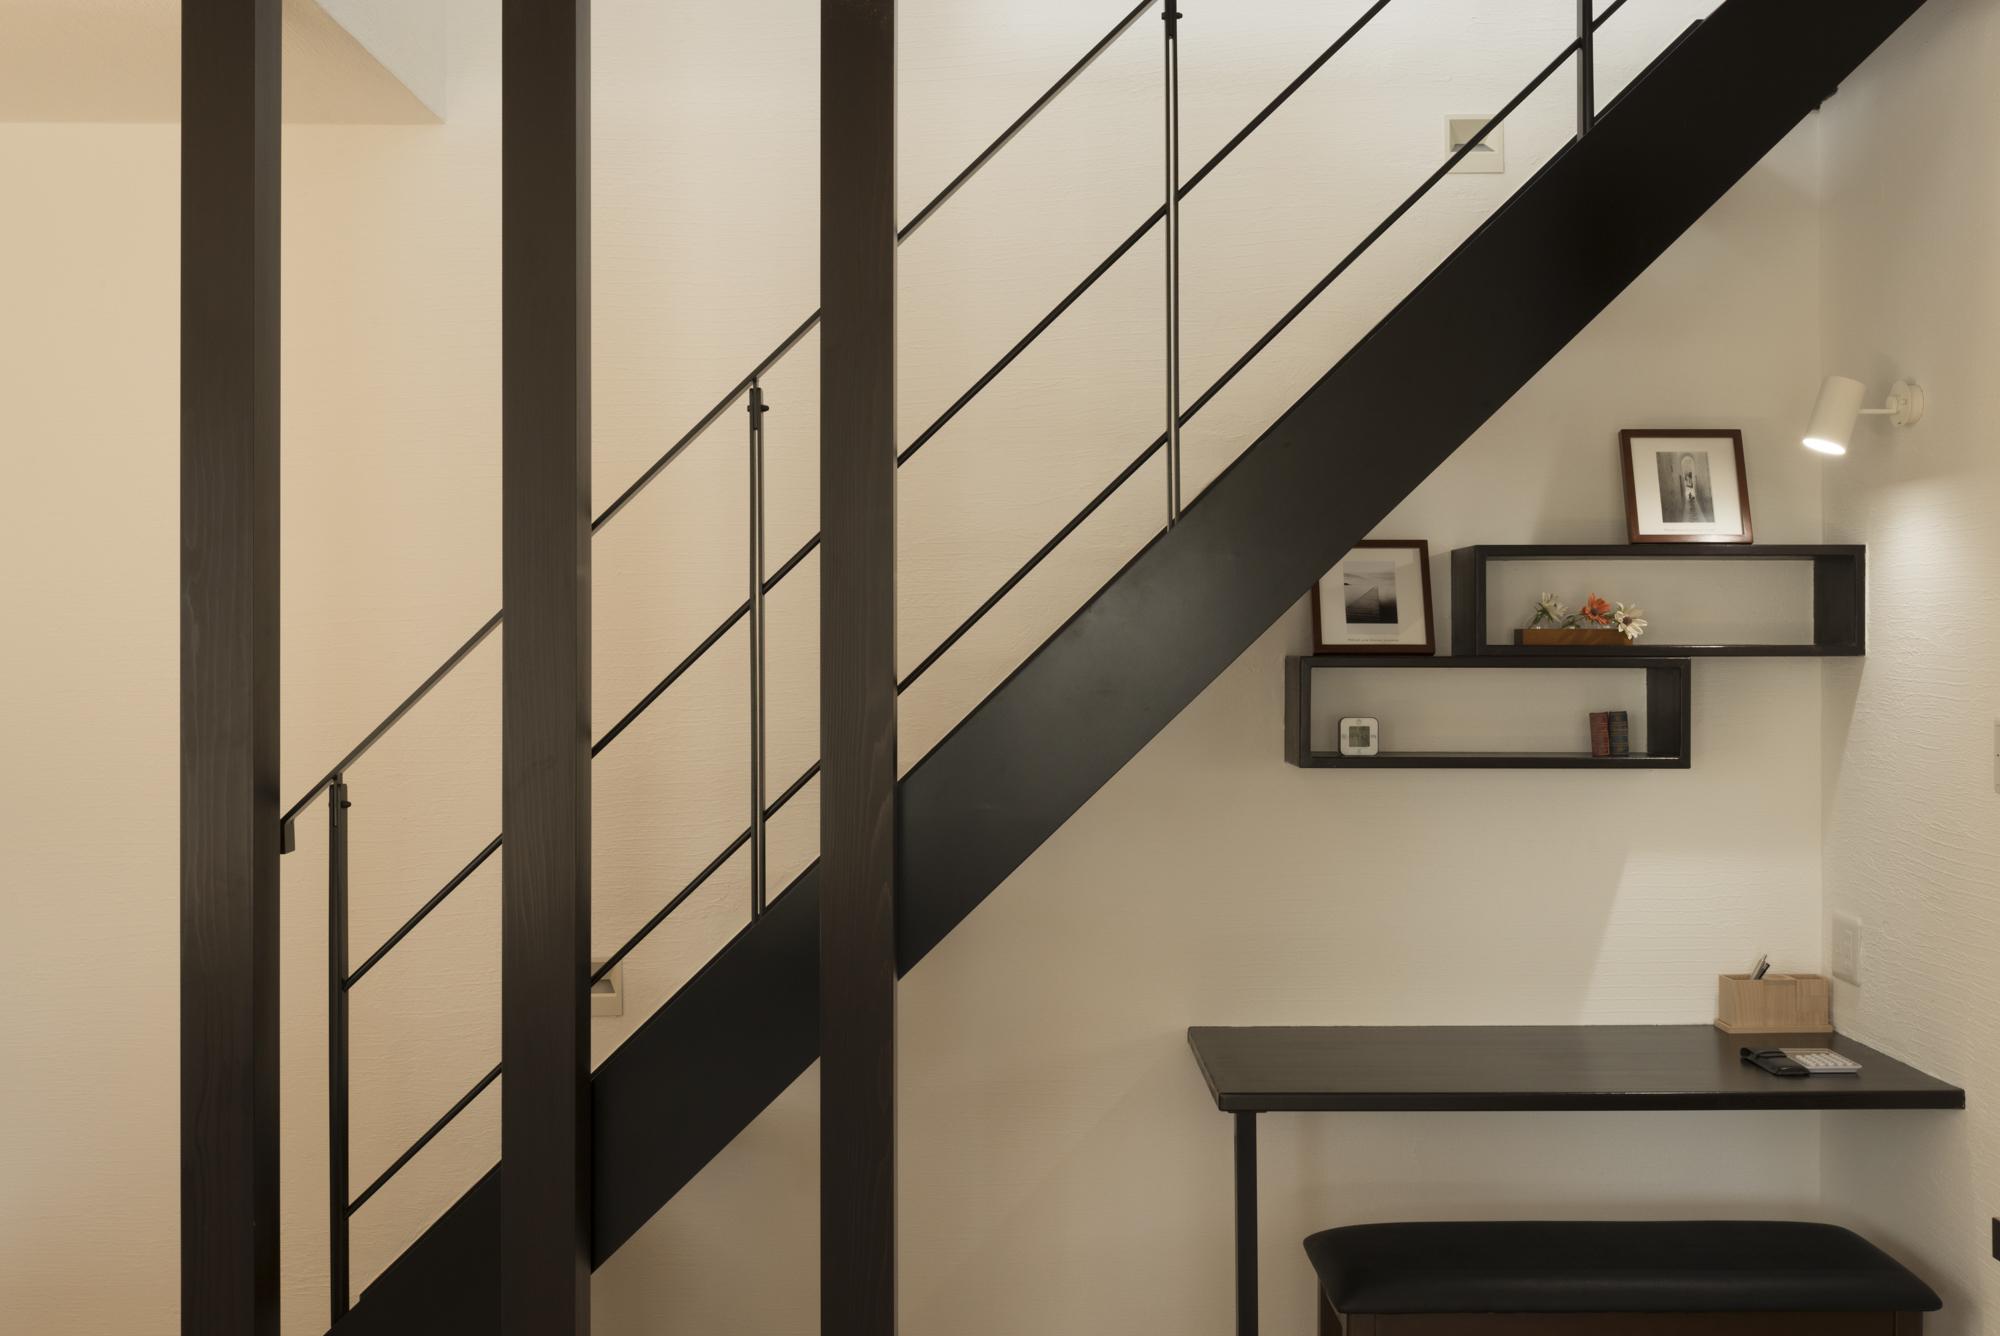 R+house藤枝(西遠建設)【デザイン住宅、建築家、インテリア】黒を基調にしたインテリアは、漆喰の白い壁、無垢の床に囲まれた部屋をほどよく引き締める